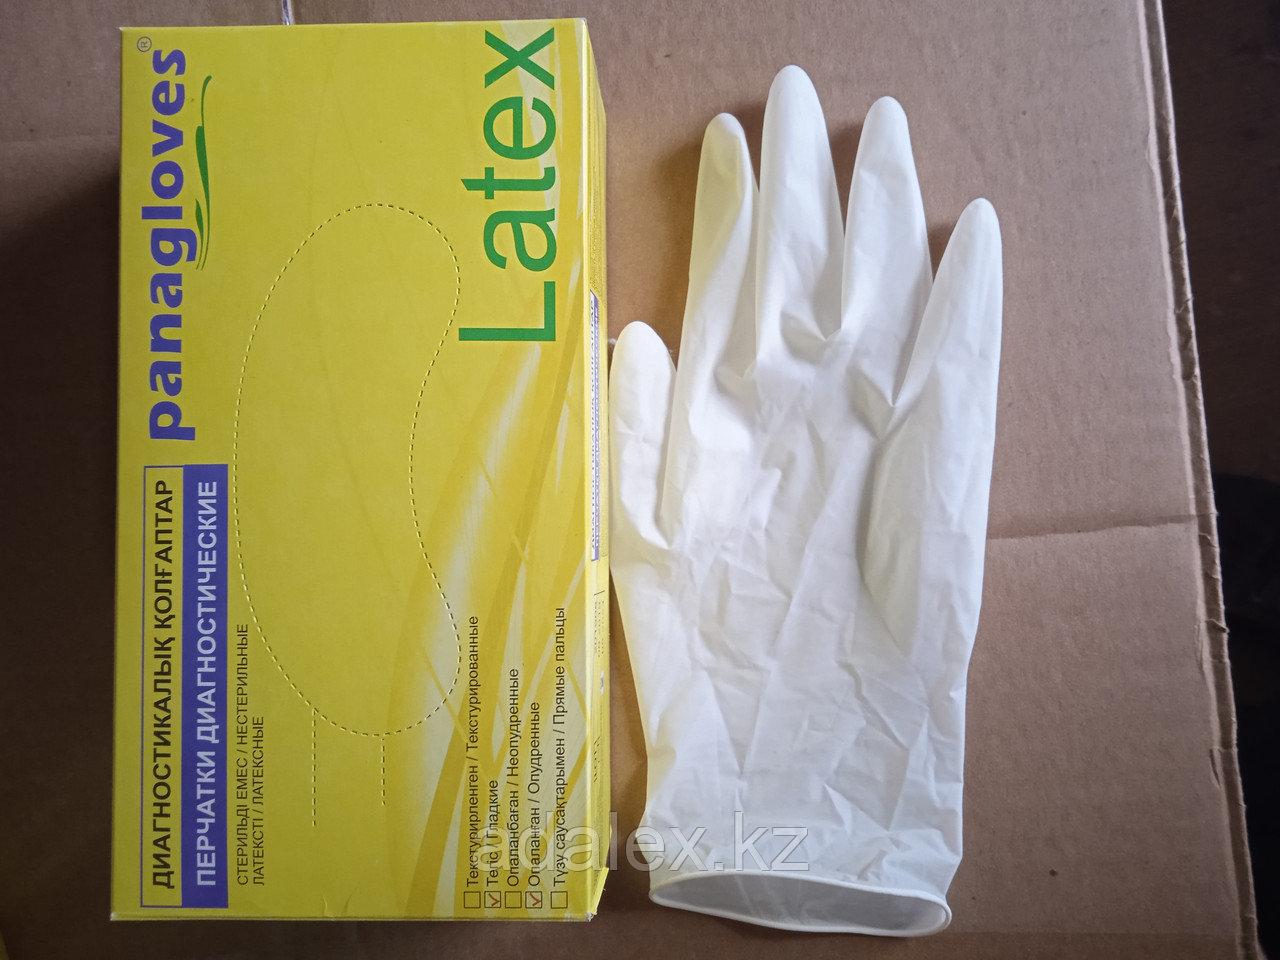 Перчатки латексные неопудренные медицинские одноразовые - фото 4